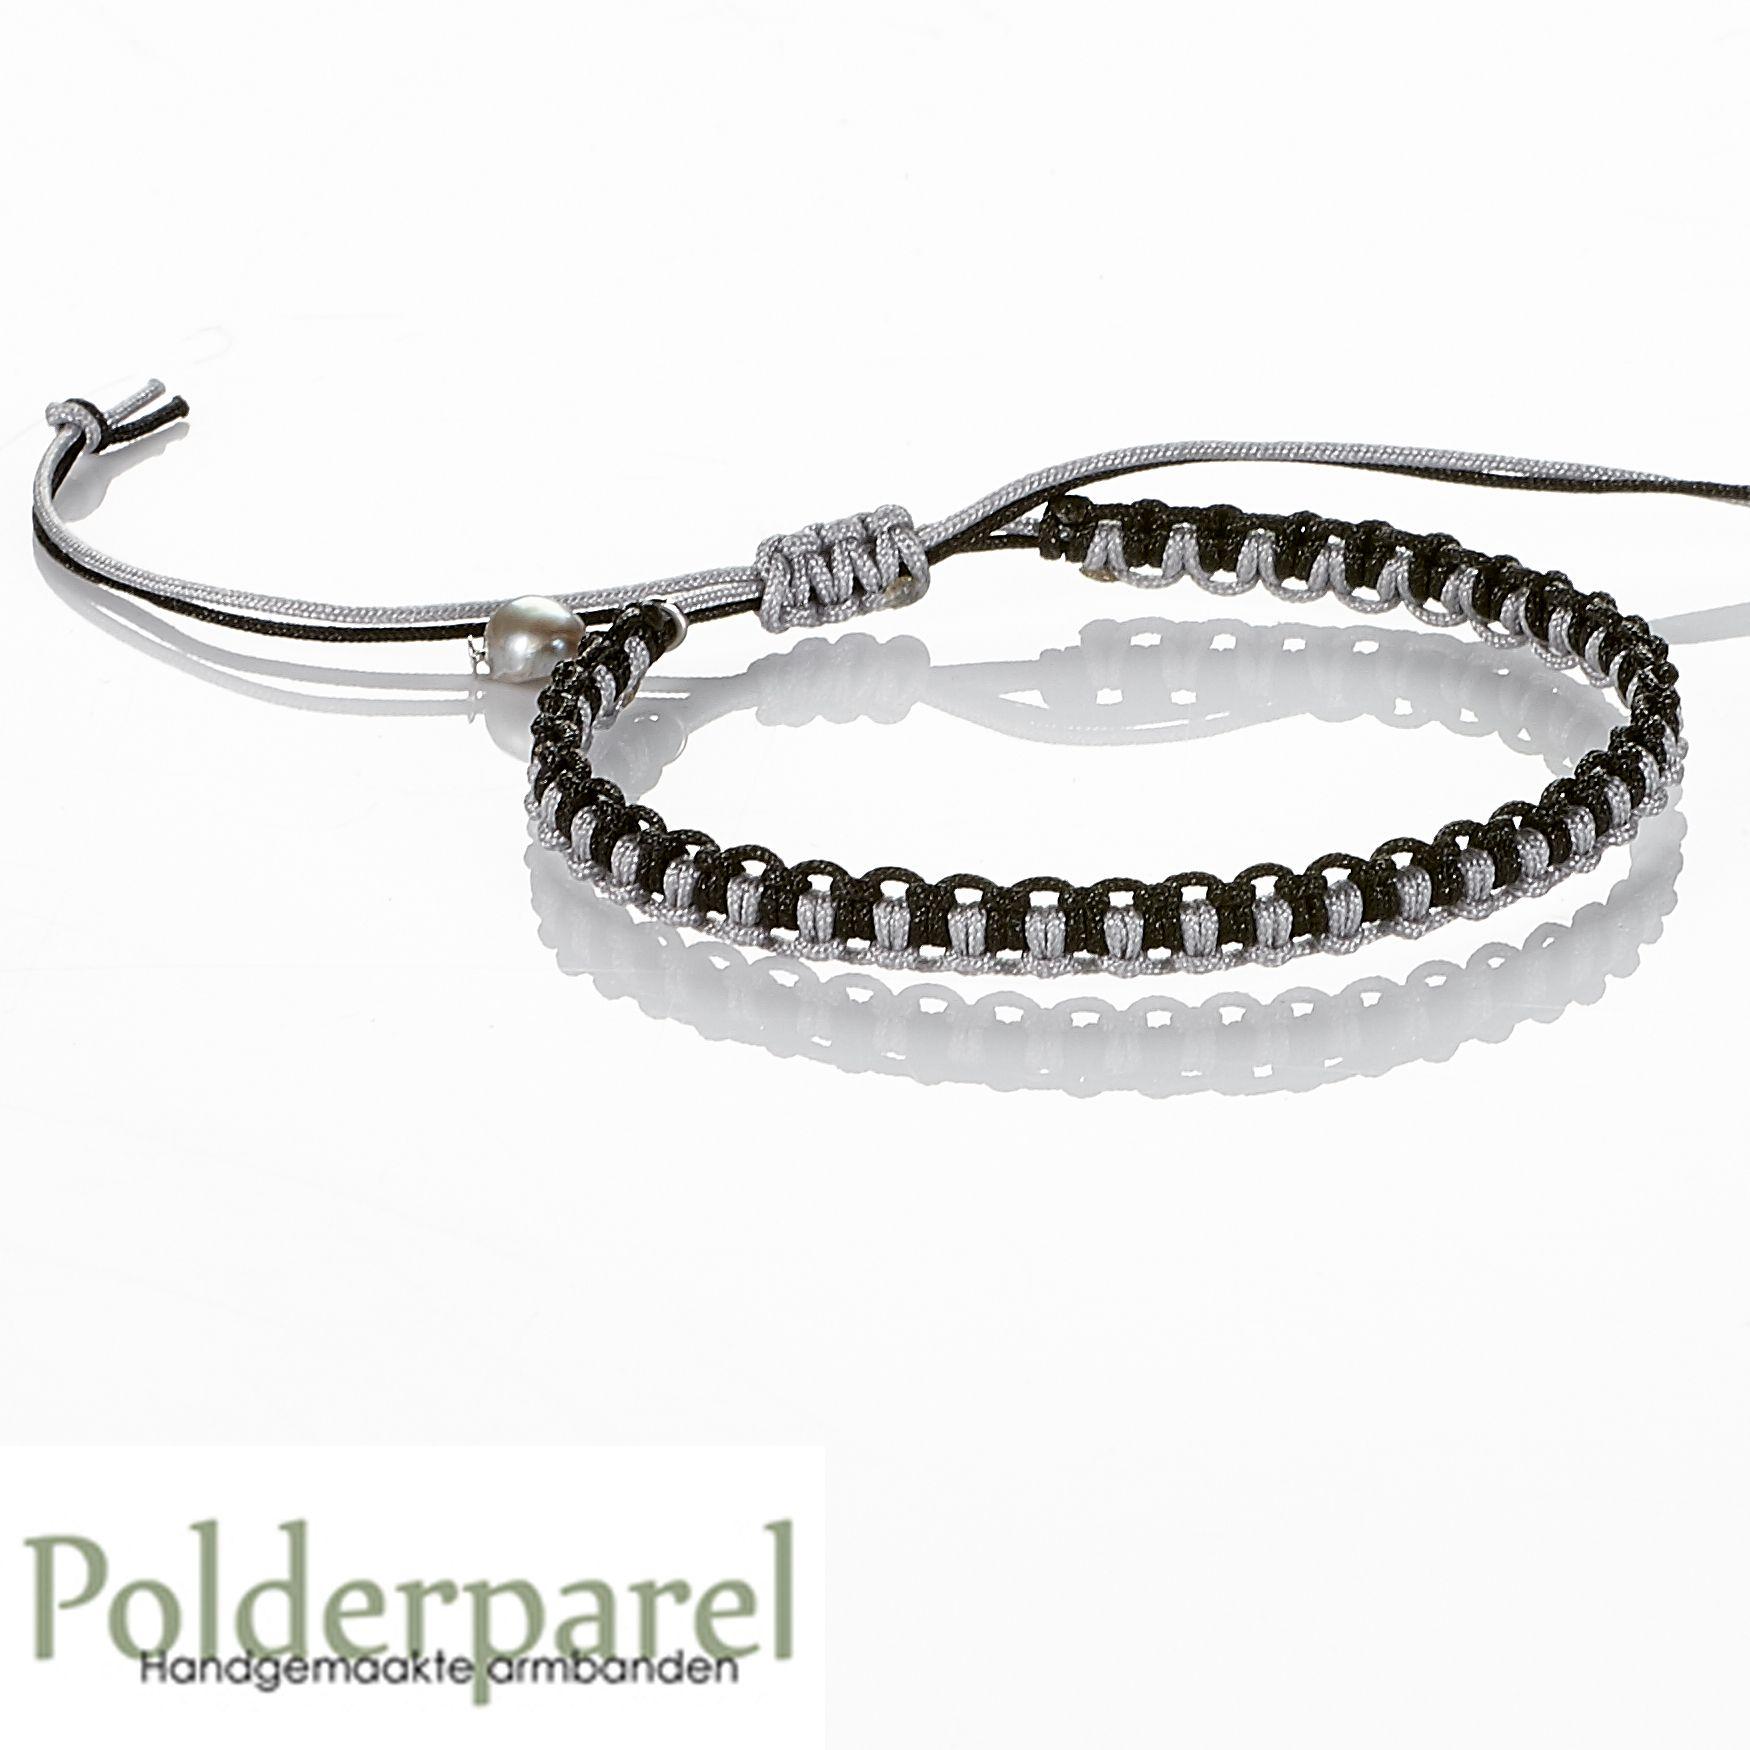 PP-N16-07 | Polderparel armbanden | Online bestellen